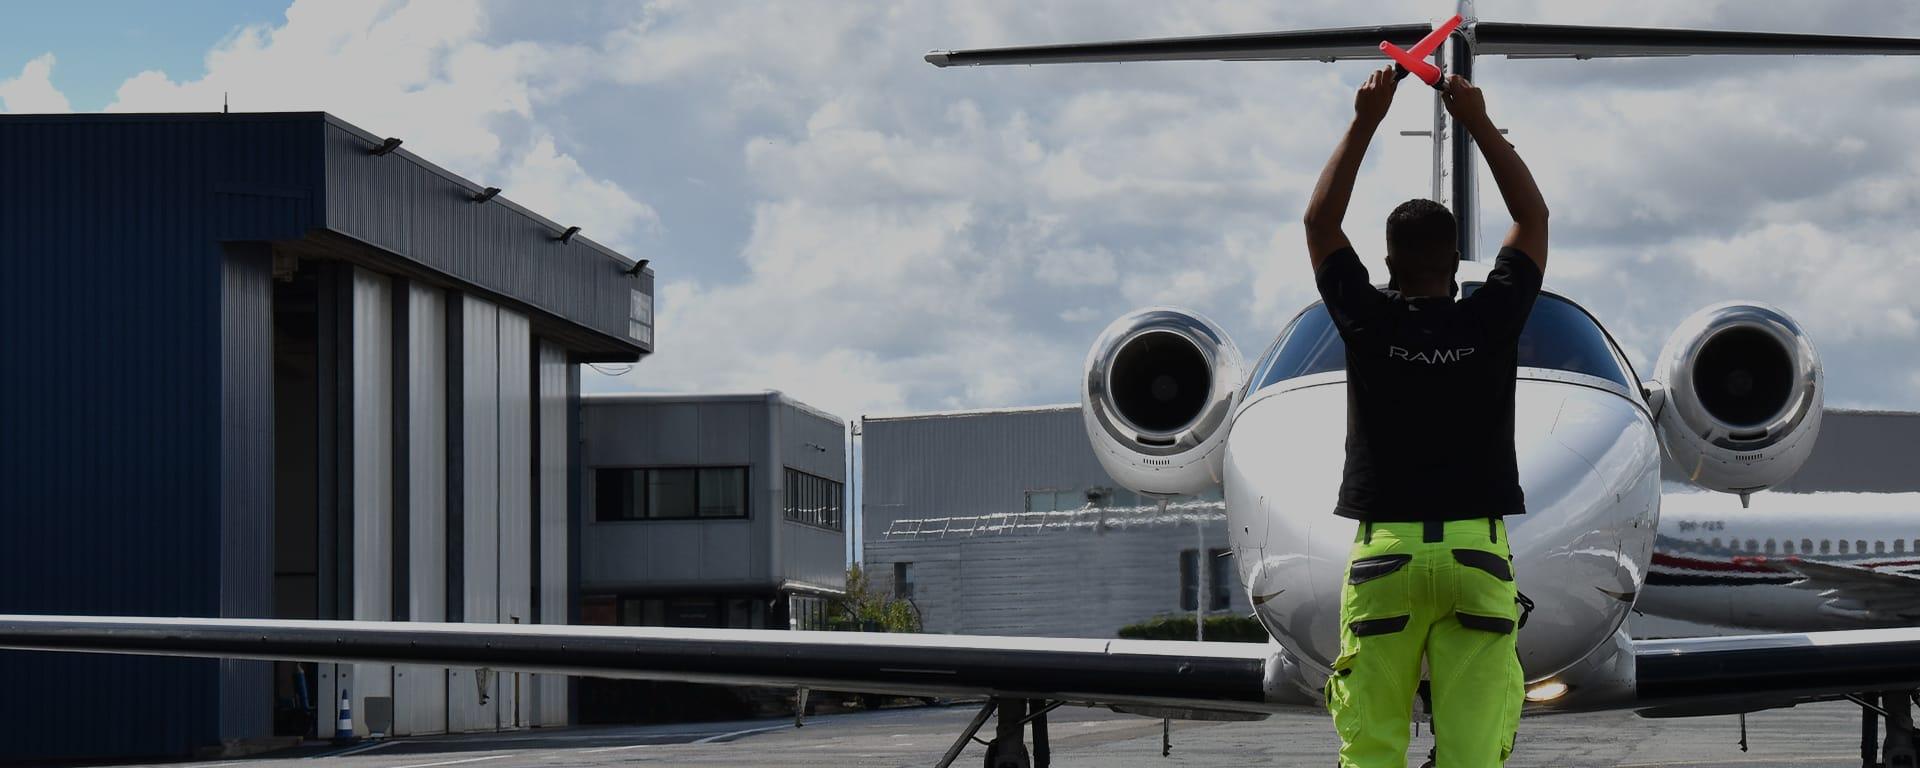 Terminal Astonsky : FBO d'assistance aux avions privés